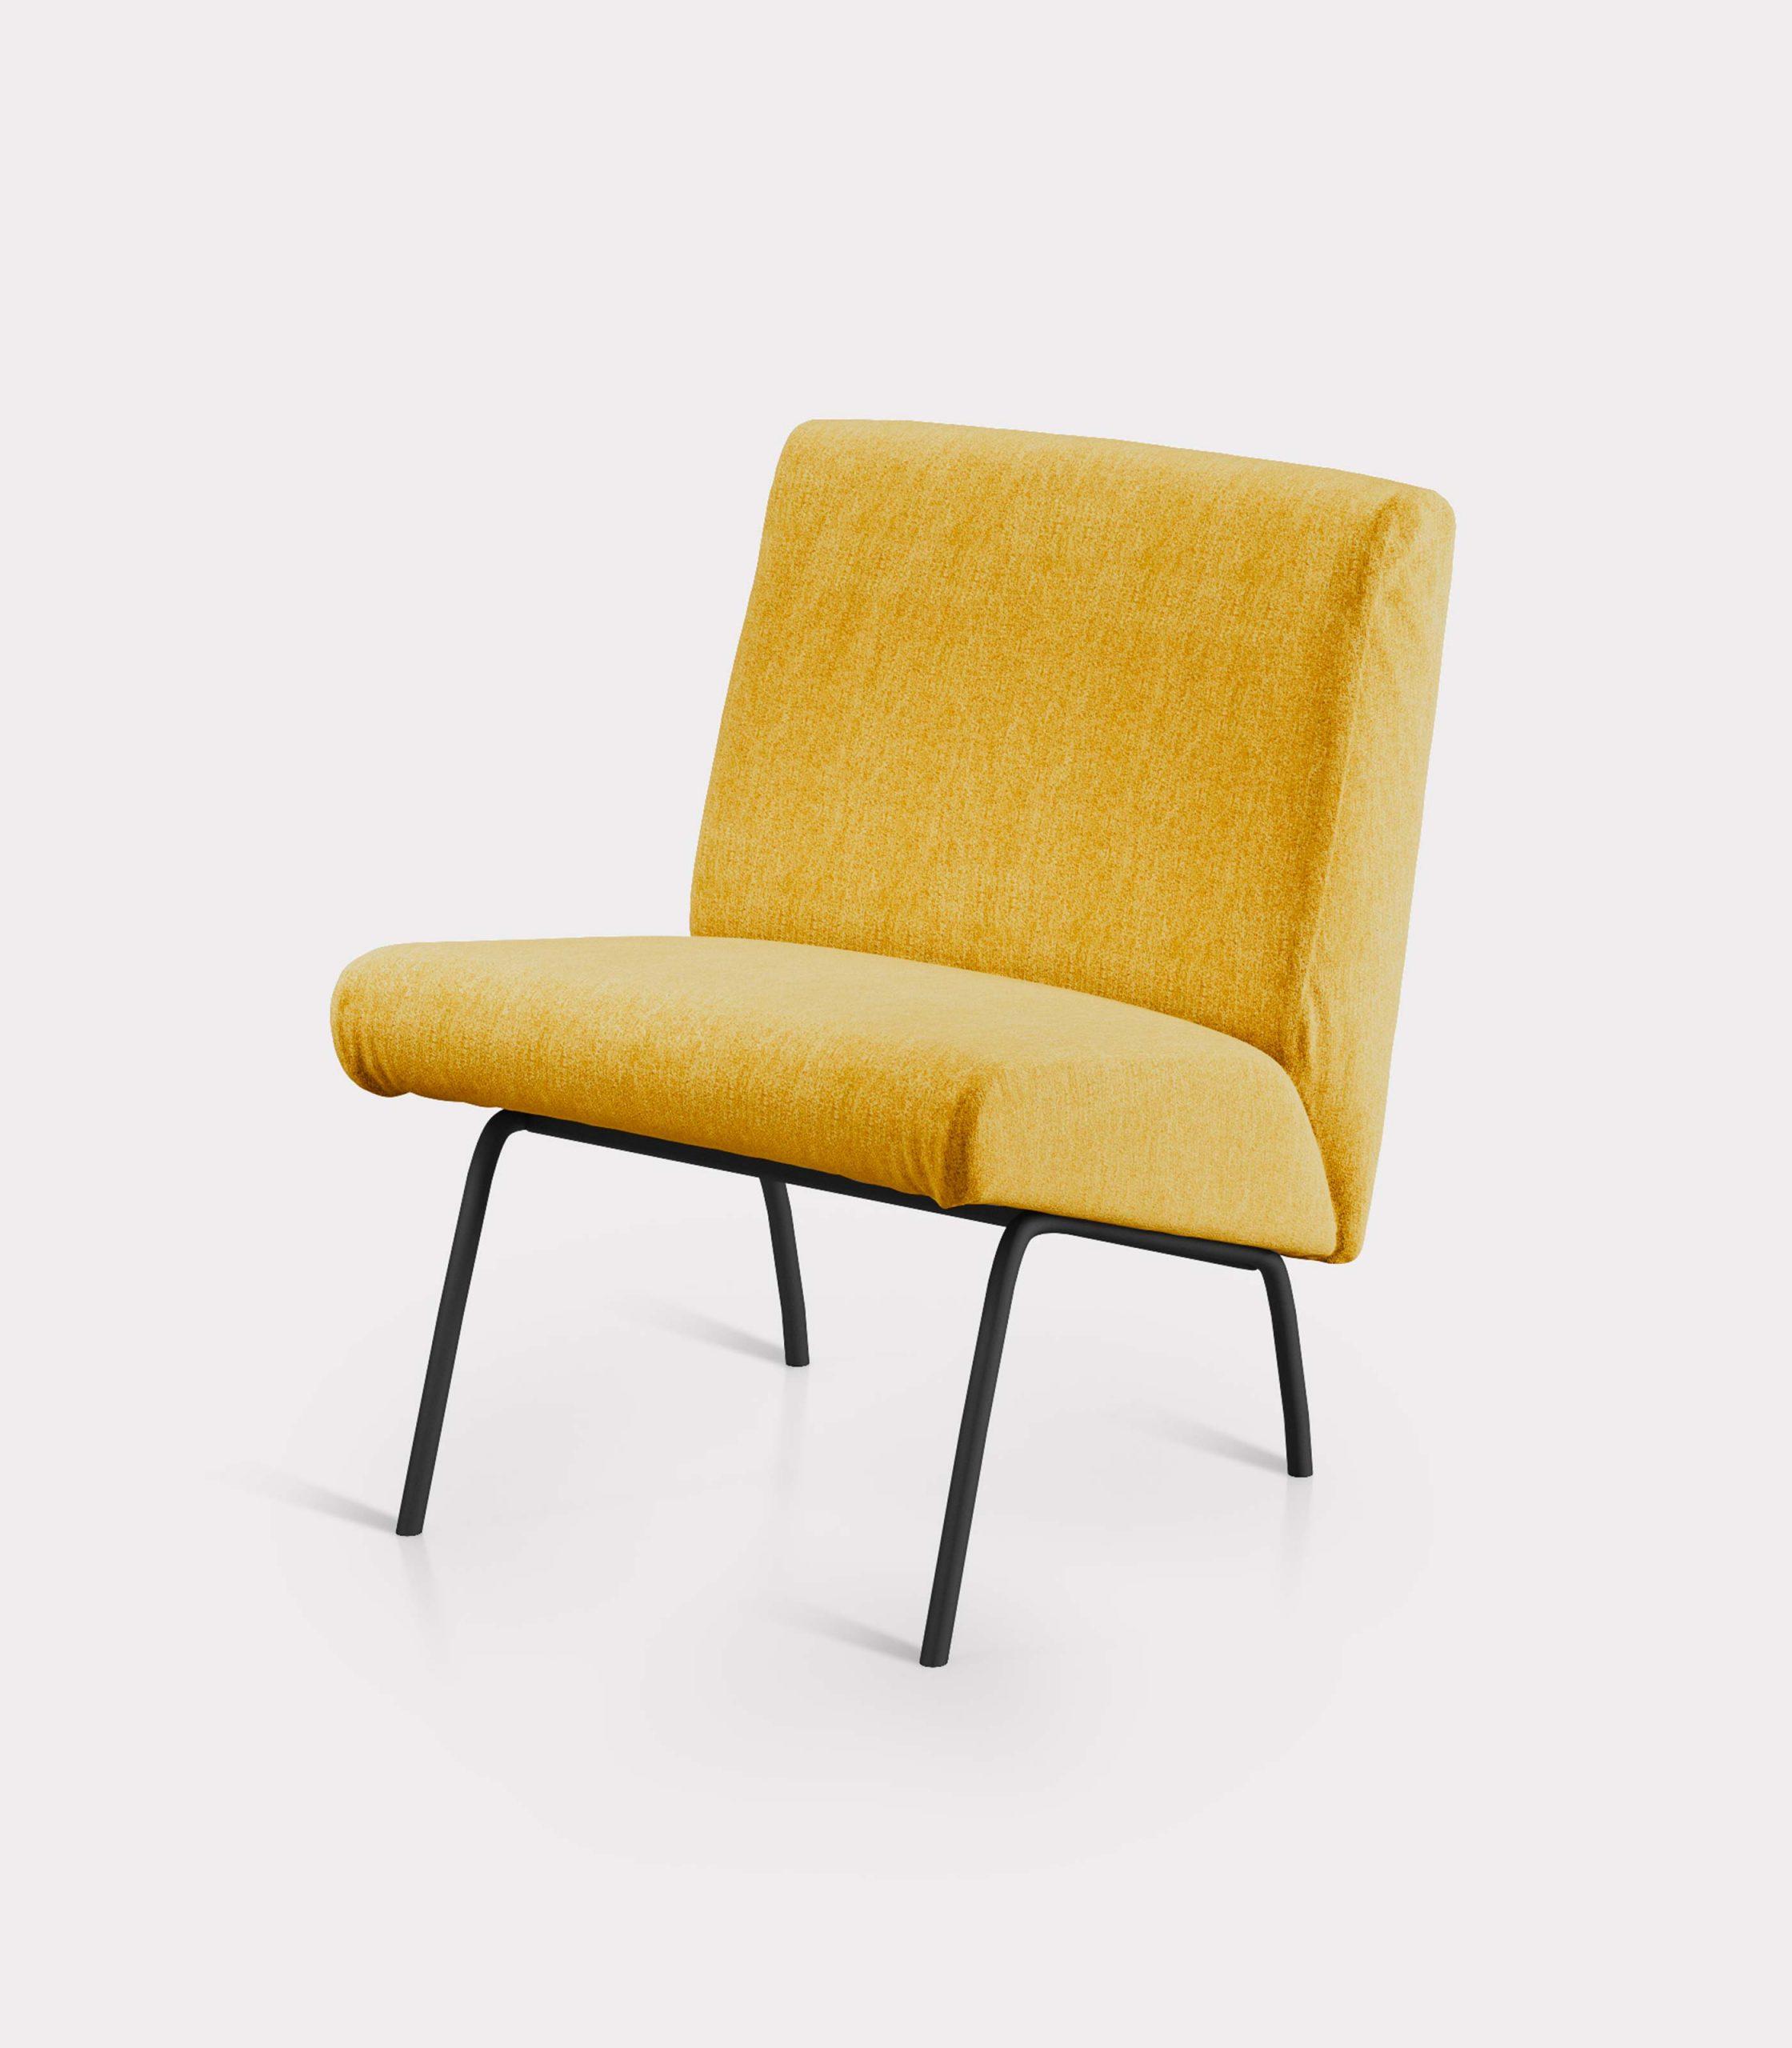 poltrona solid gialla milano design FD